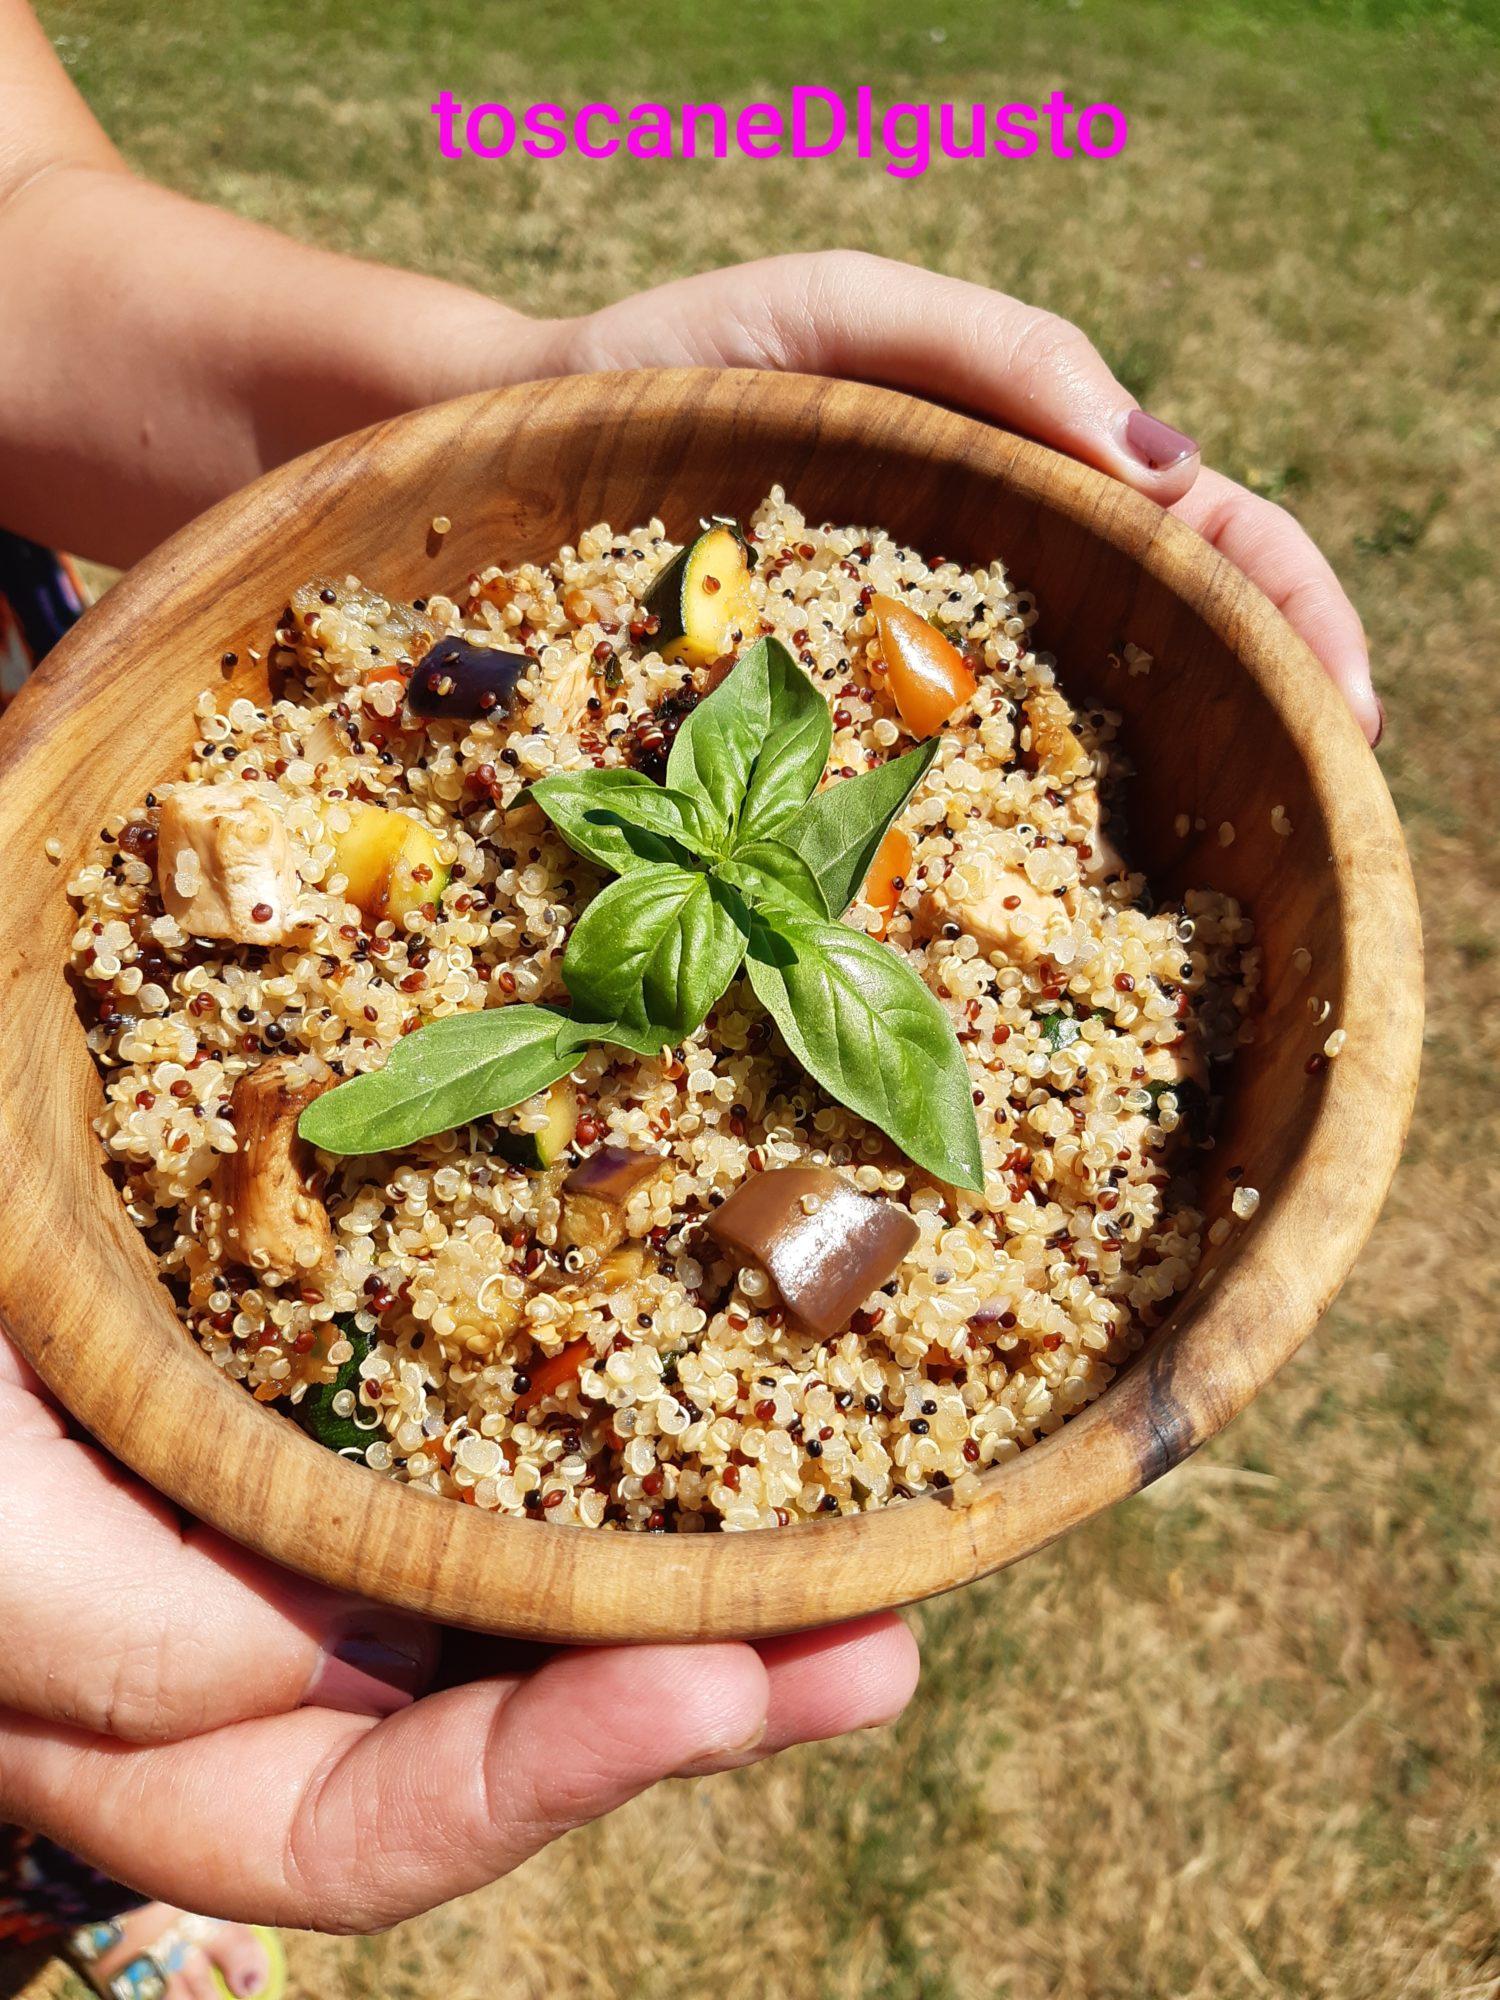 Ricette Con Quinoa Pollo E Verdure.Quinoa Con Pollo E Verdure Alla Salsa Di Soia Toscane Di Gusto